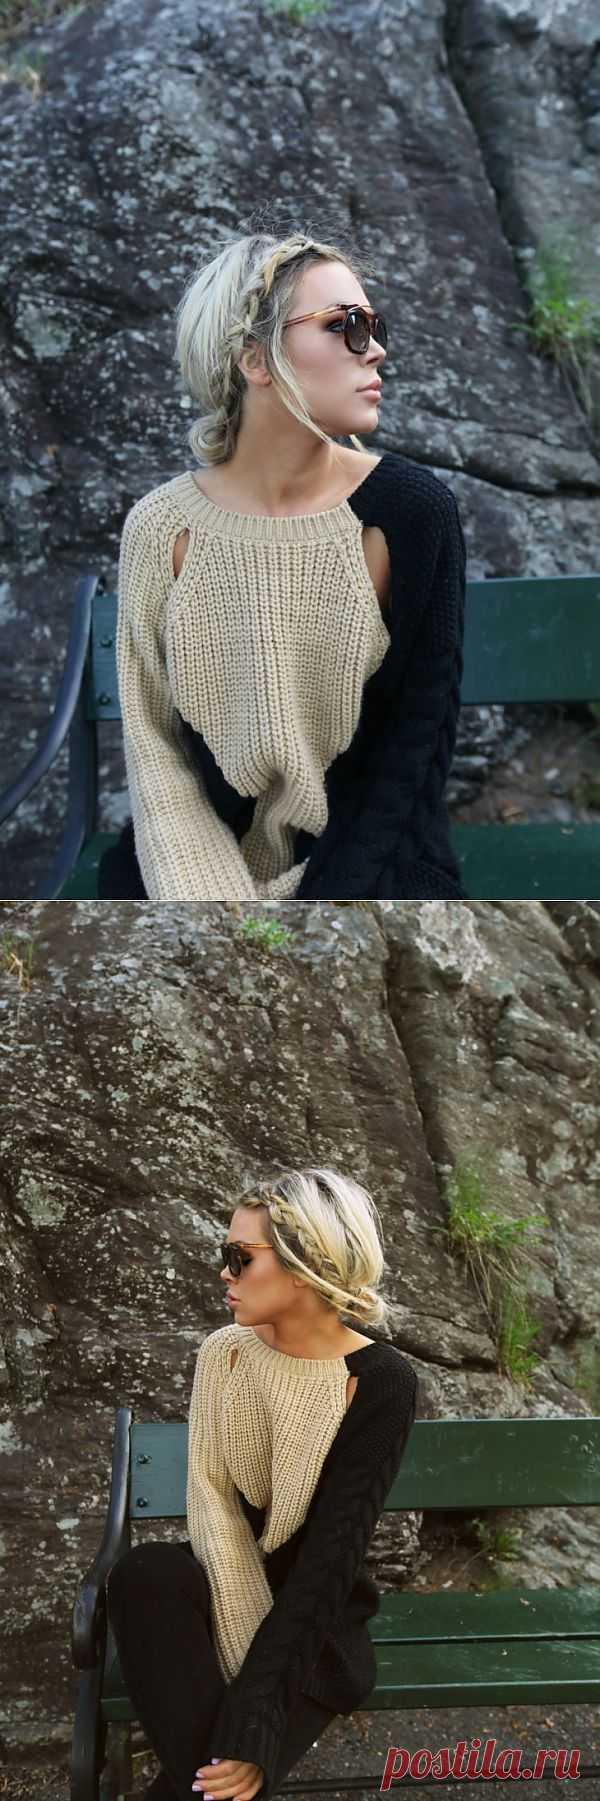 Крутой свитер / Вязание / Модный сайт о стильной переделке одежды и интерьера